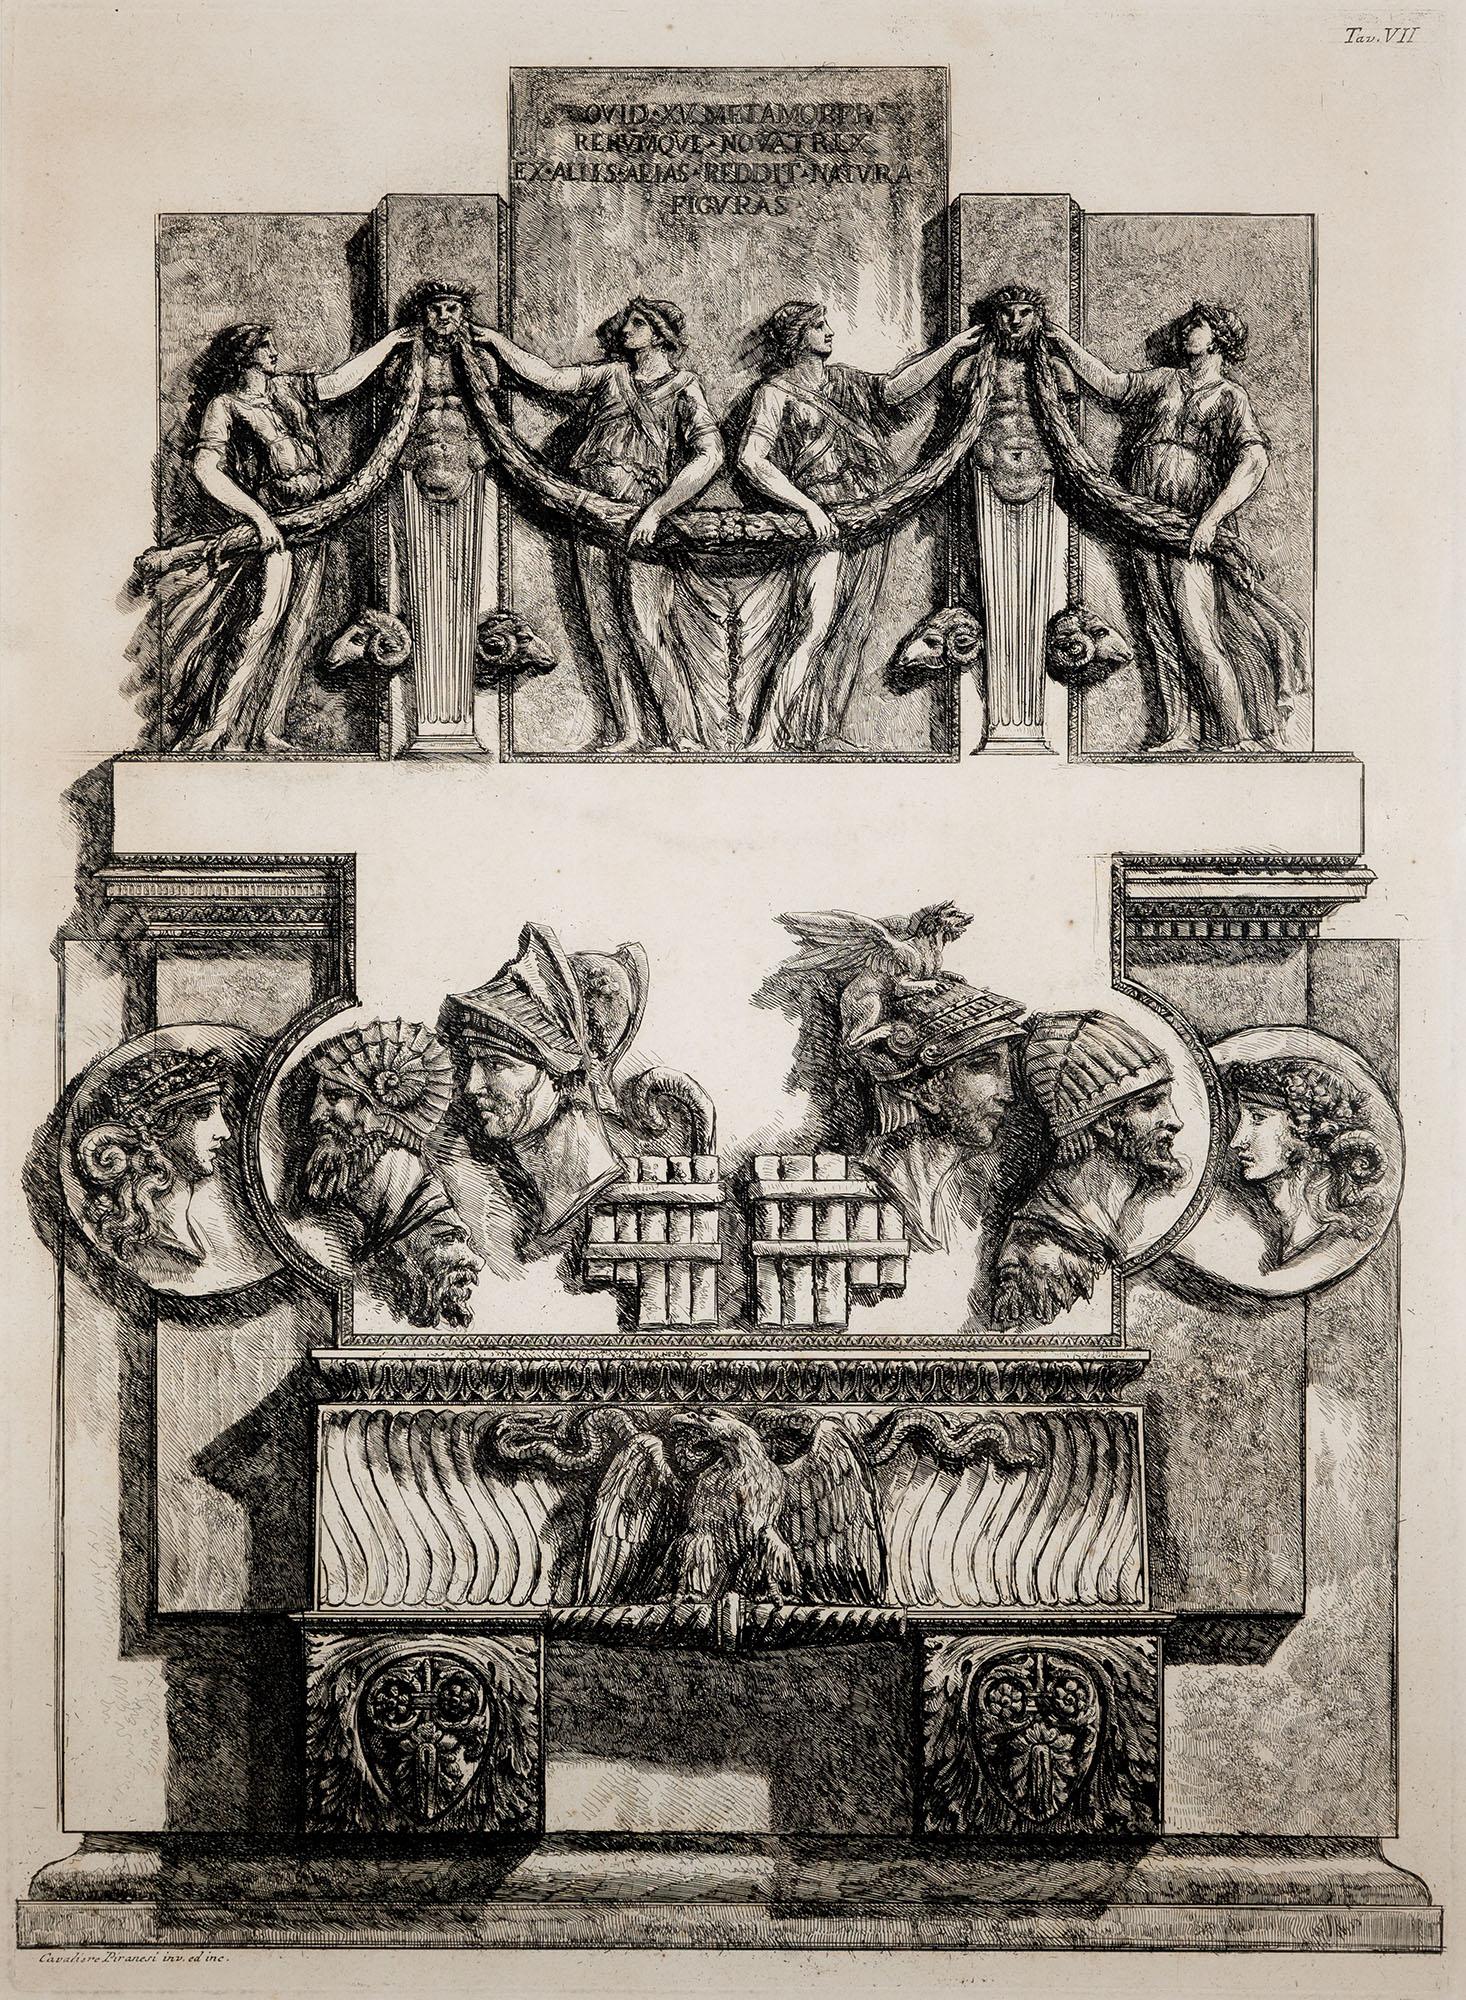 40. Quiq XV Metamorphoses rerumque novatris ex alliis alias reddit natura figure